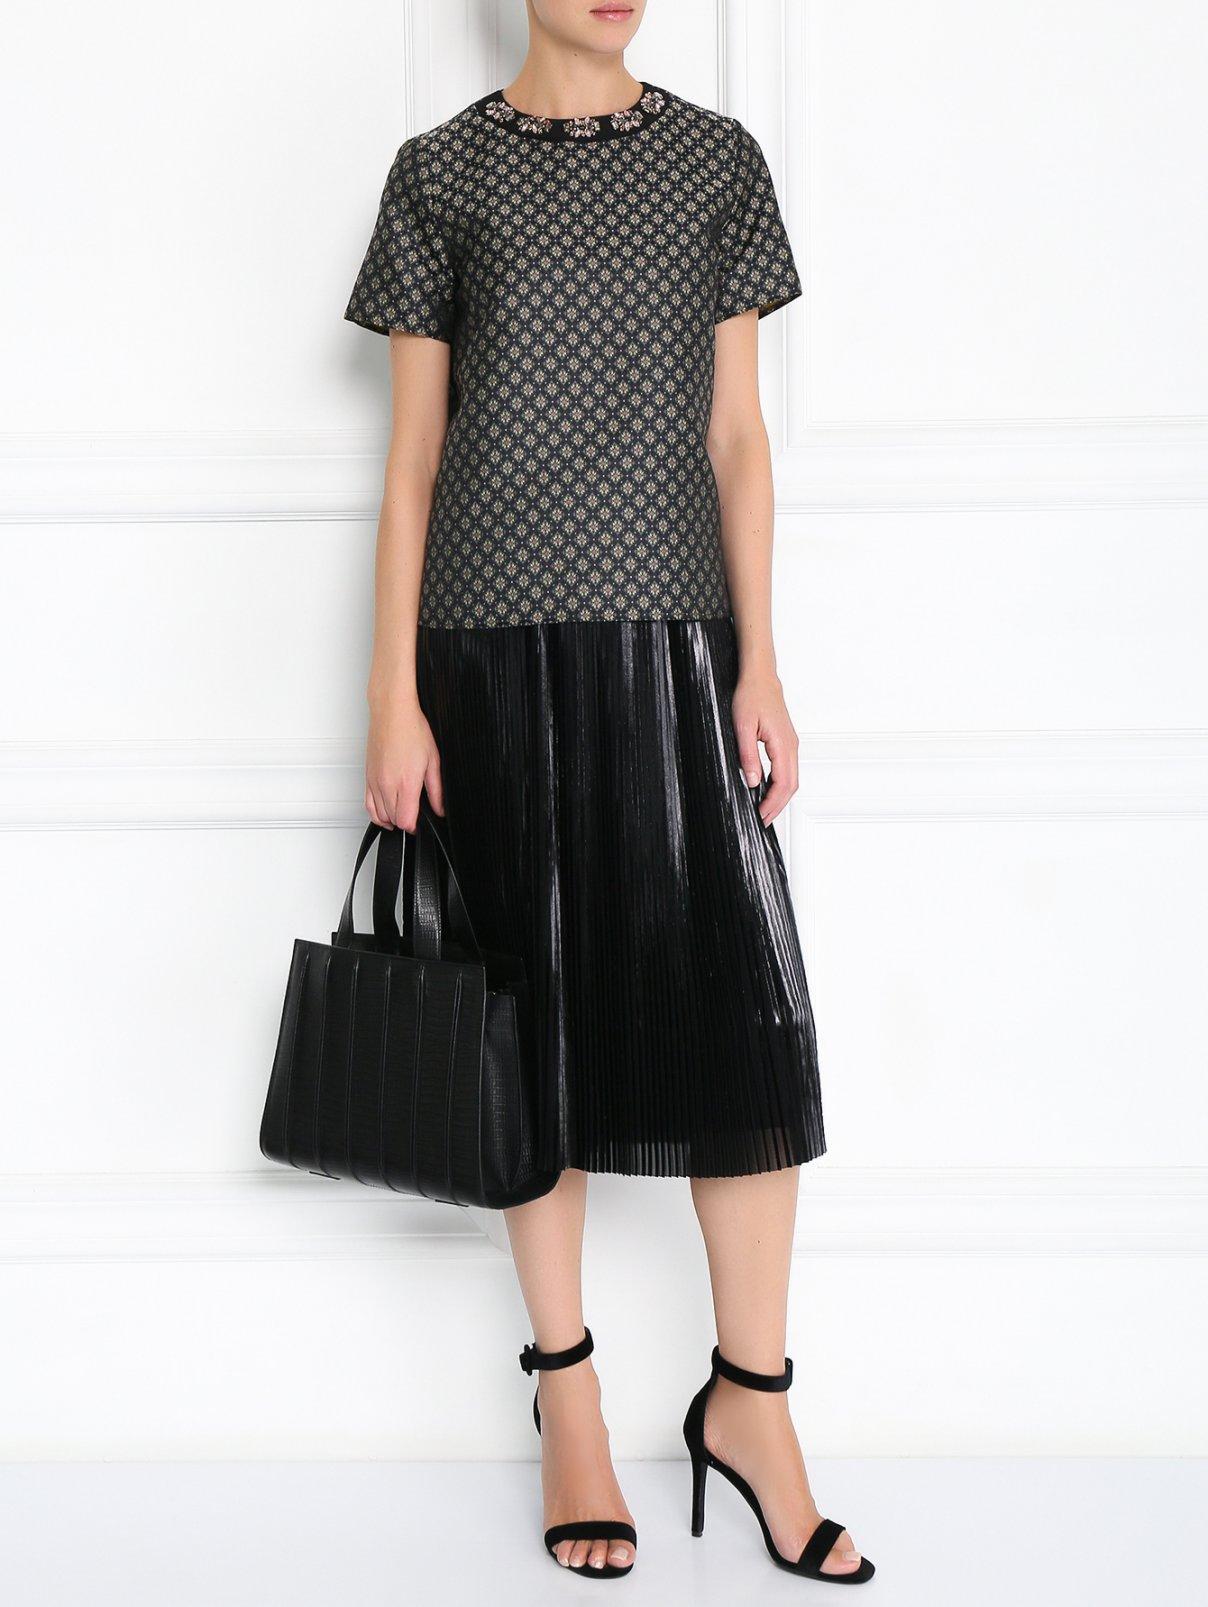 Блуза свободного кроя с узором и декоративной отделкой Etro  –  Модель Общий вид  – Цвет:  Узор